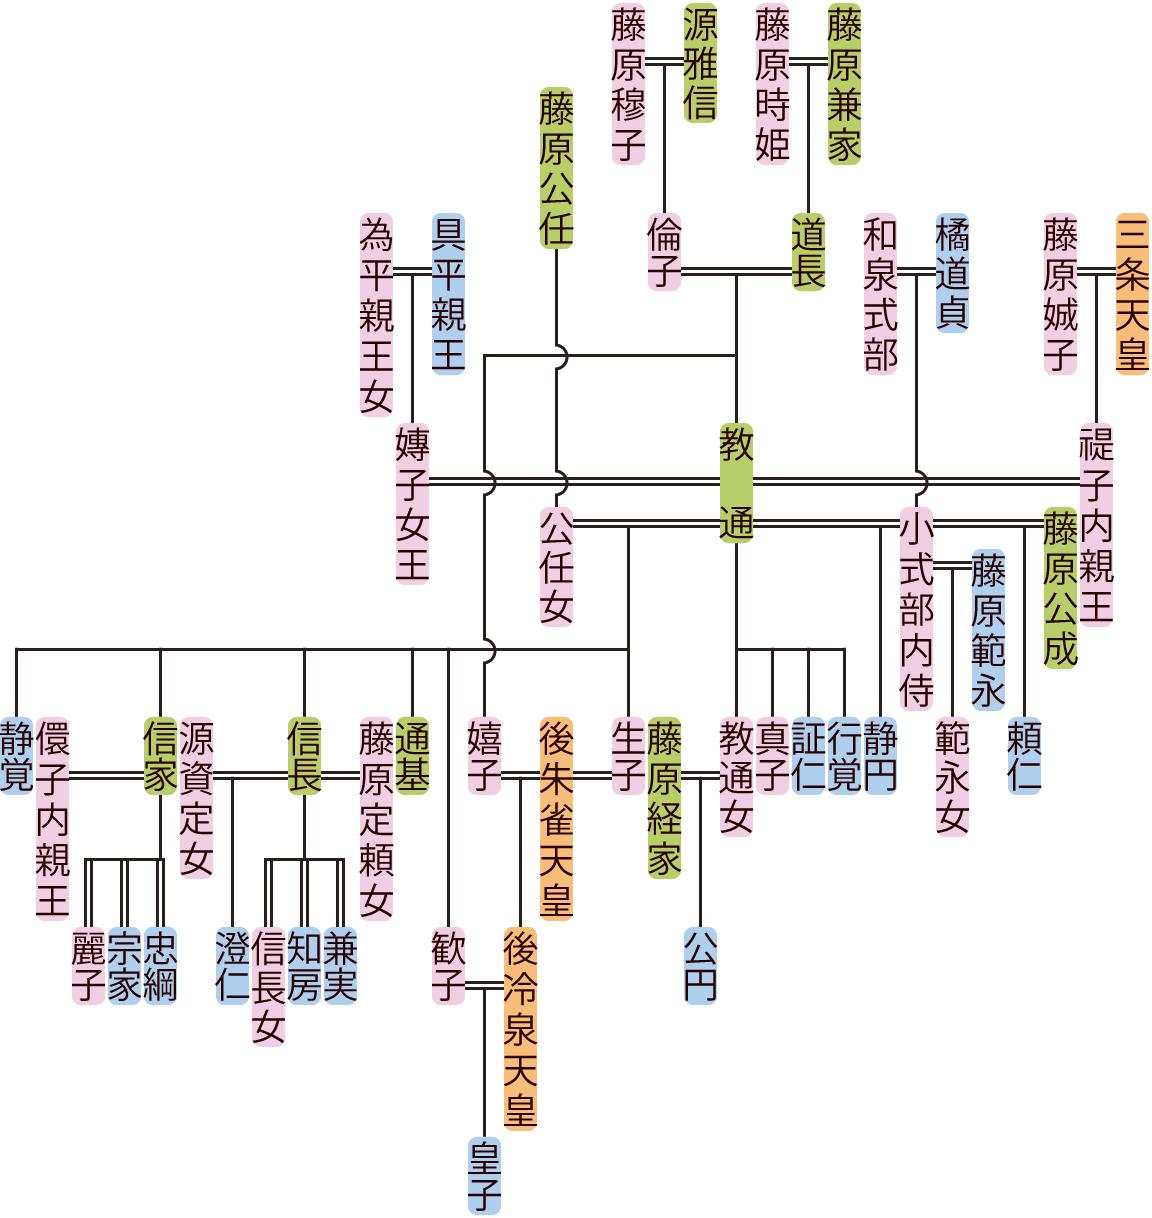 藤原教通の系図